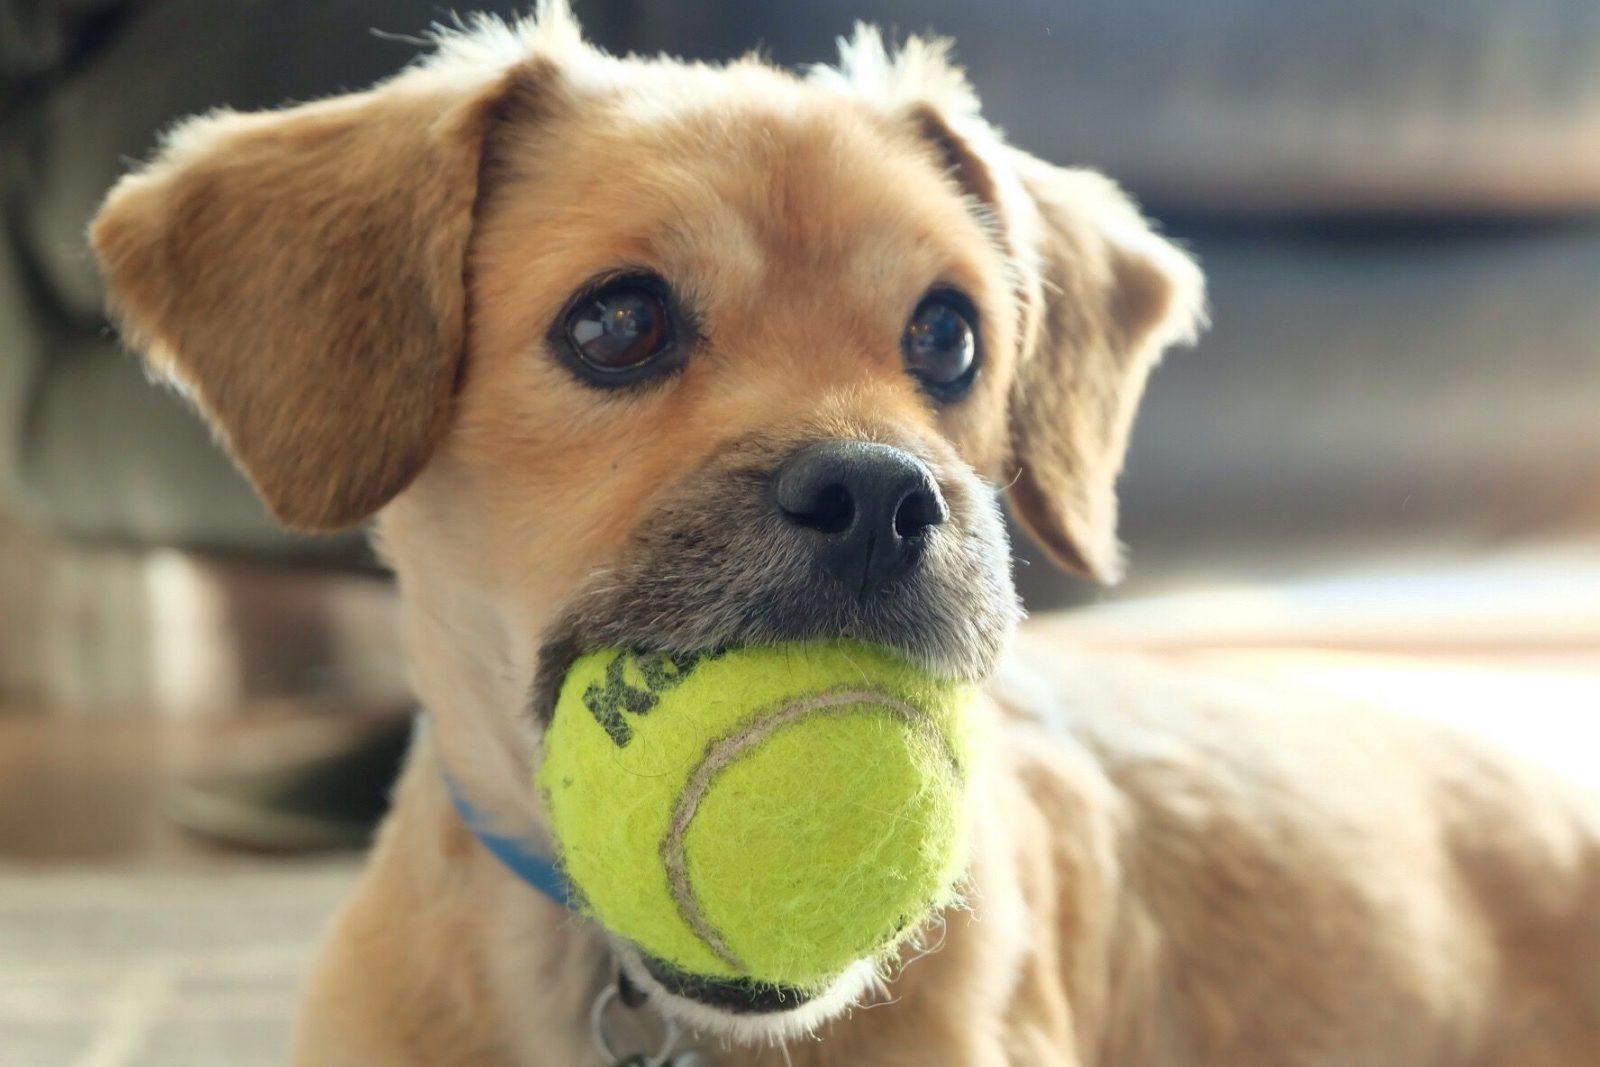 his toy dont touch t20 epewoj 5ad0cb6f43a1030037f6ae6d - Meu cachorro engoliu o brinquedo e agora?